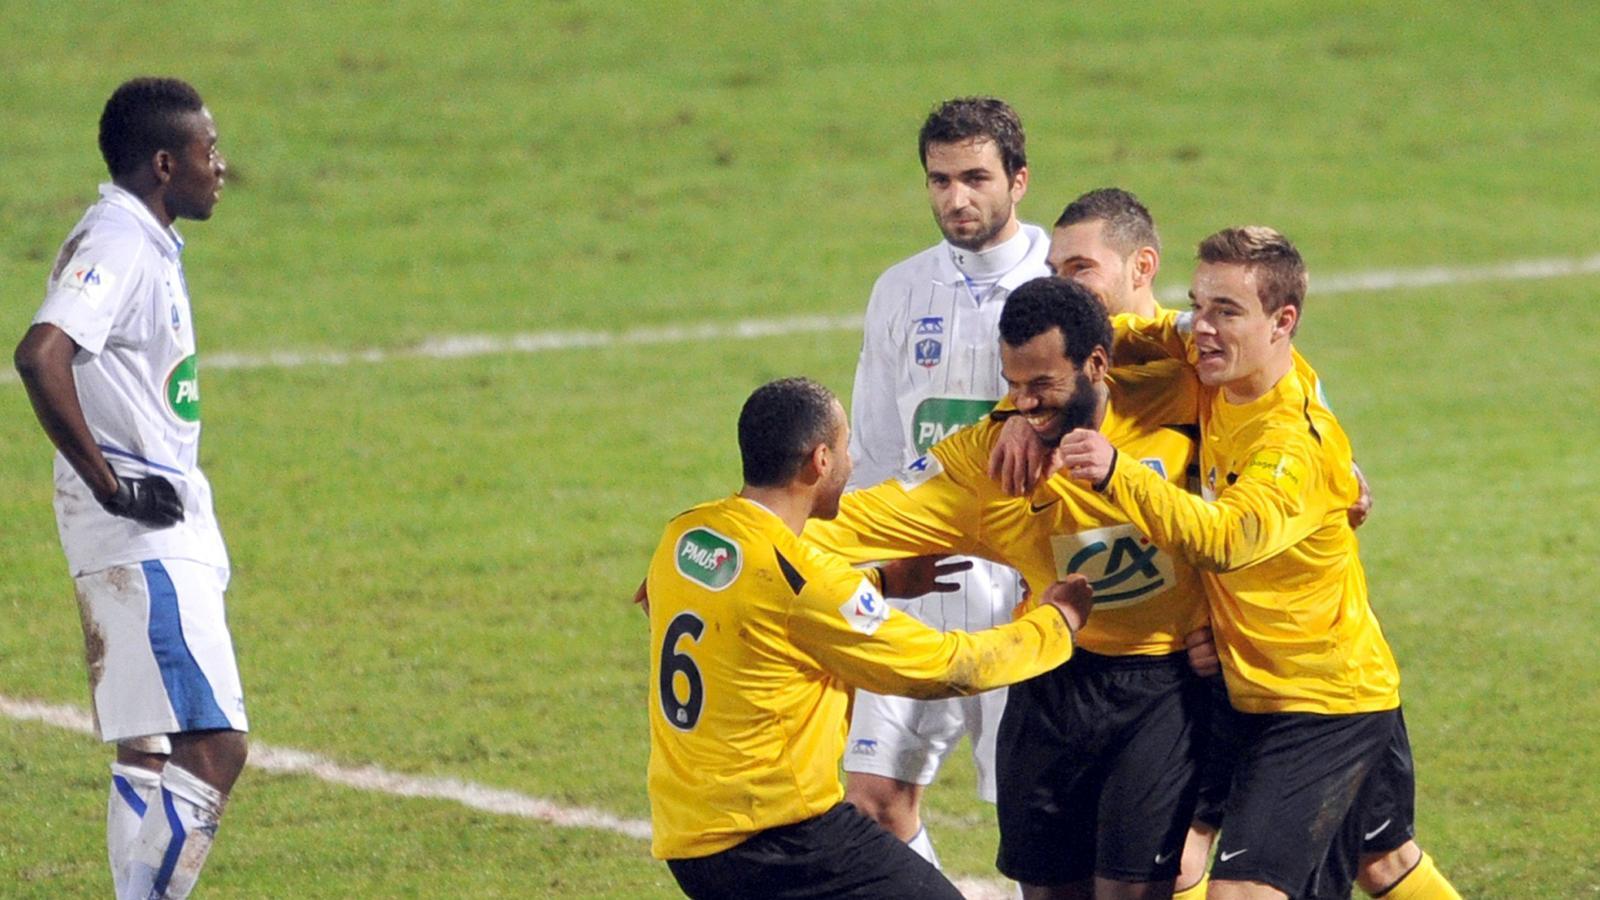 La ligue 1 ne r pond plus coupe de france 2010 2011 - Resultats coupe de la ligue 1 football ...